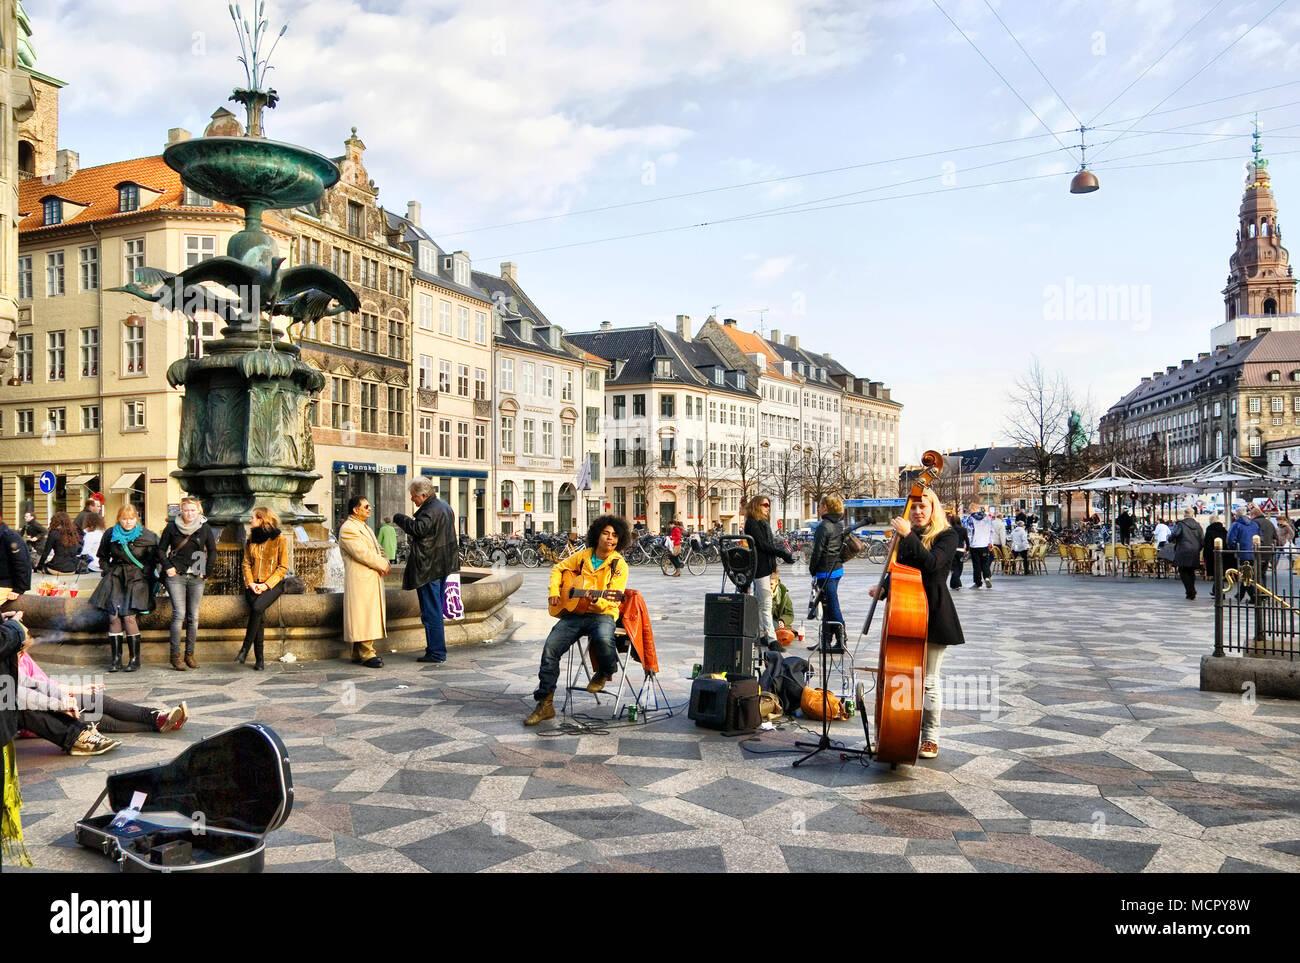 COPENHAGEN, DENMARK - APRIL 13, 2010: Musicians near the Fountain Stork - Stock Image